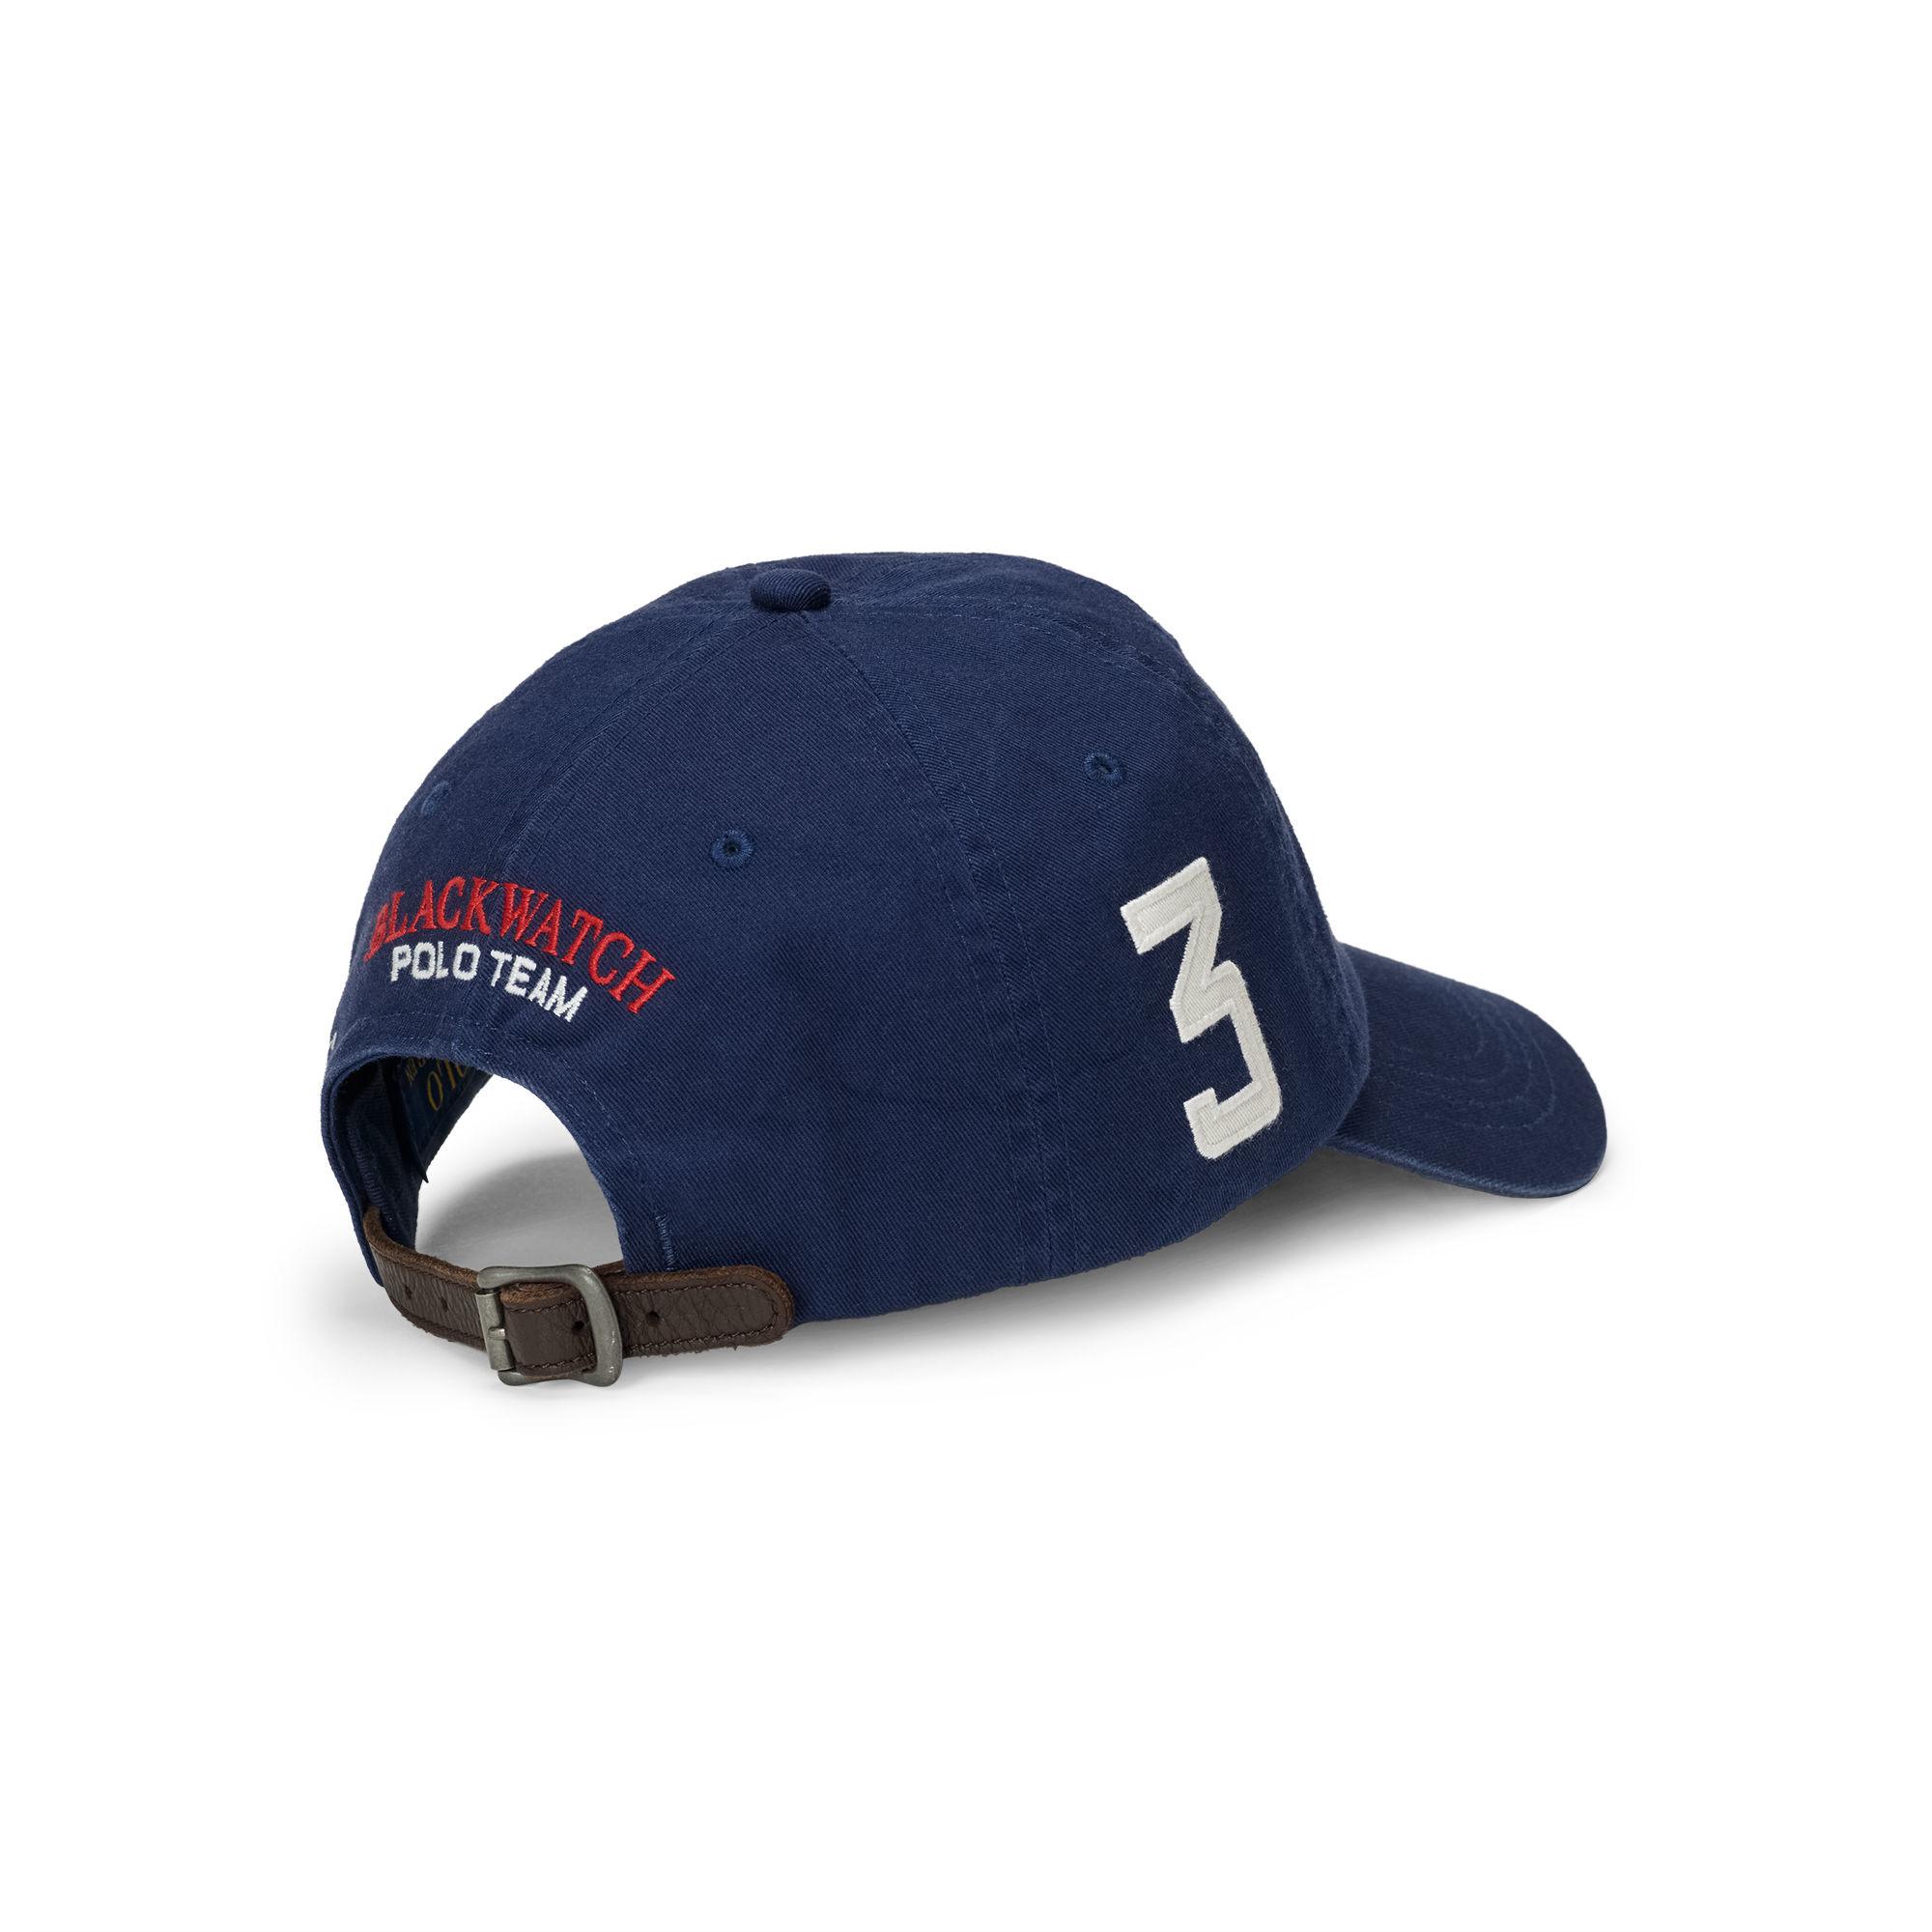 Polo Ralph Lauren Blackwatch Cotton Baseball Cap in Blue for Men - Lyst f357e1056a7d